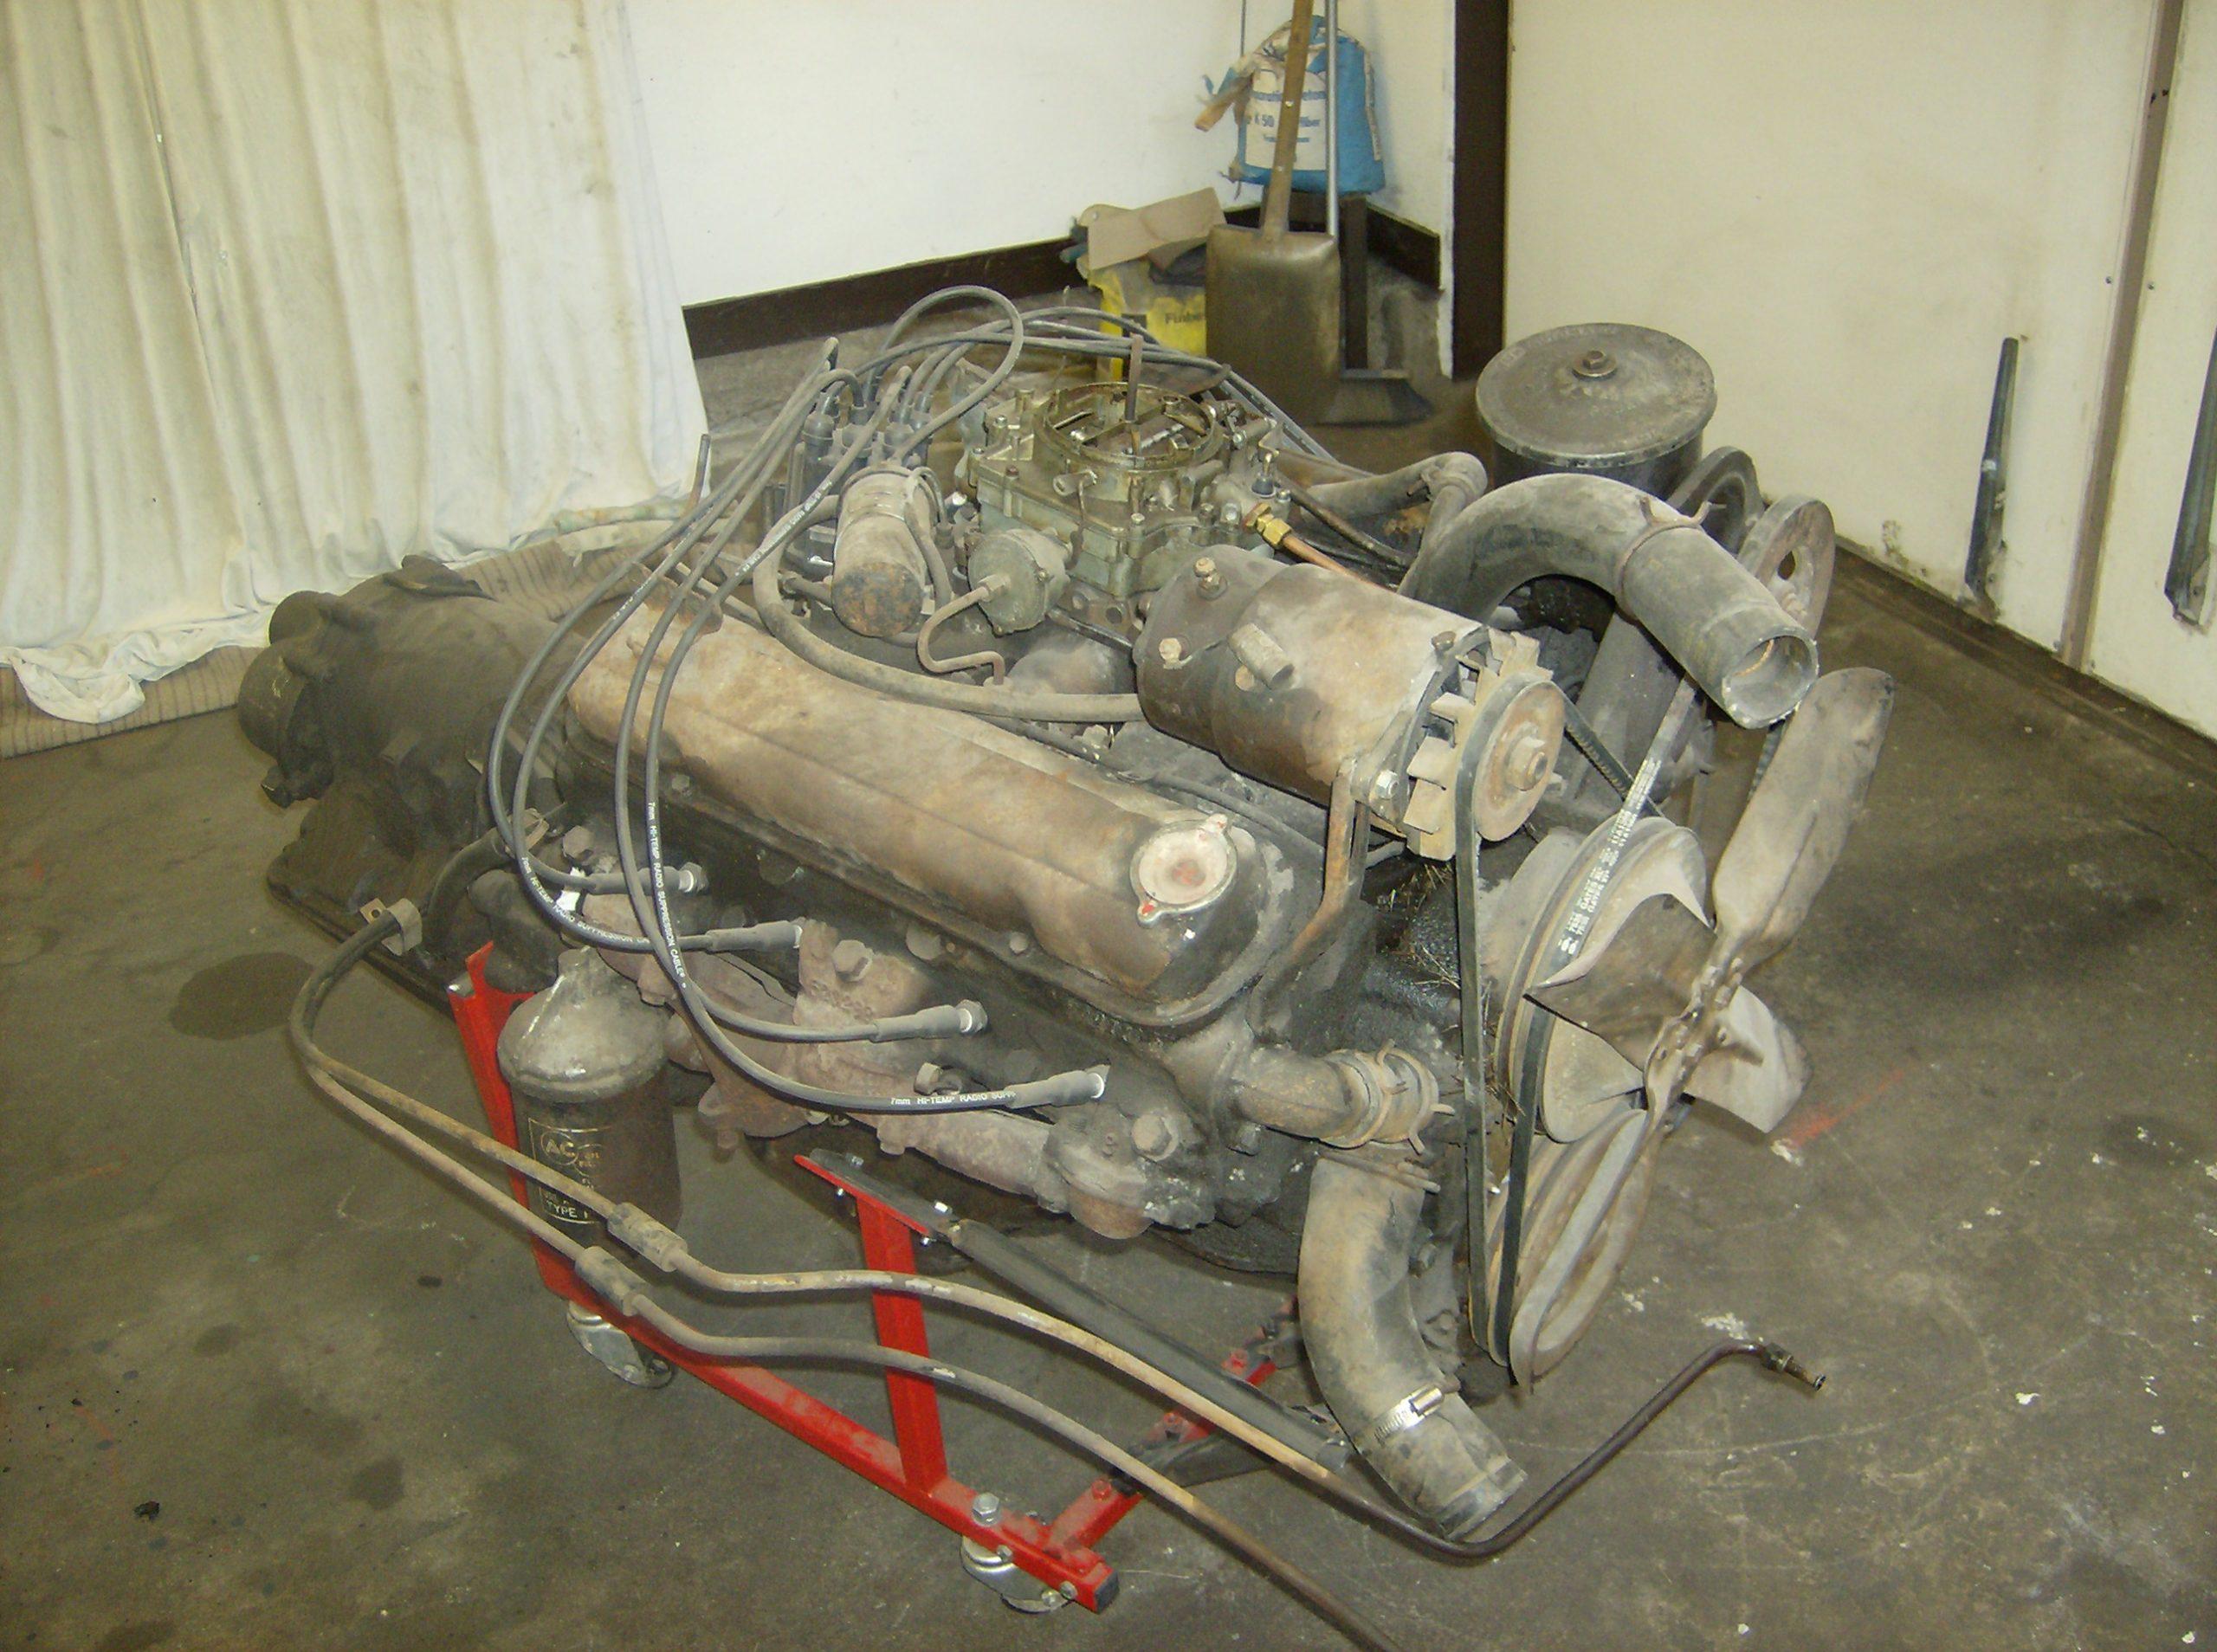 Pontiac 347 motor och Hydramatic låda före renovering